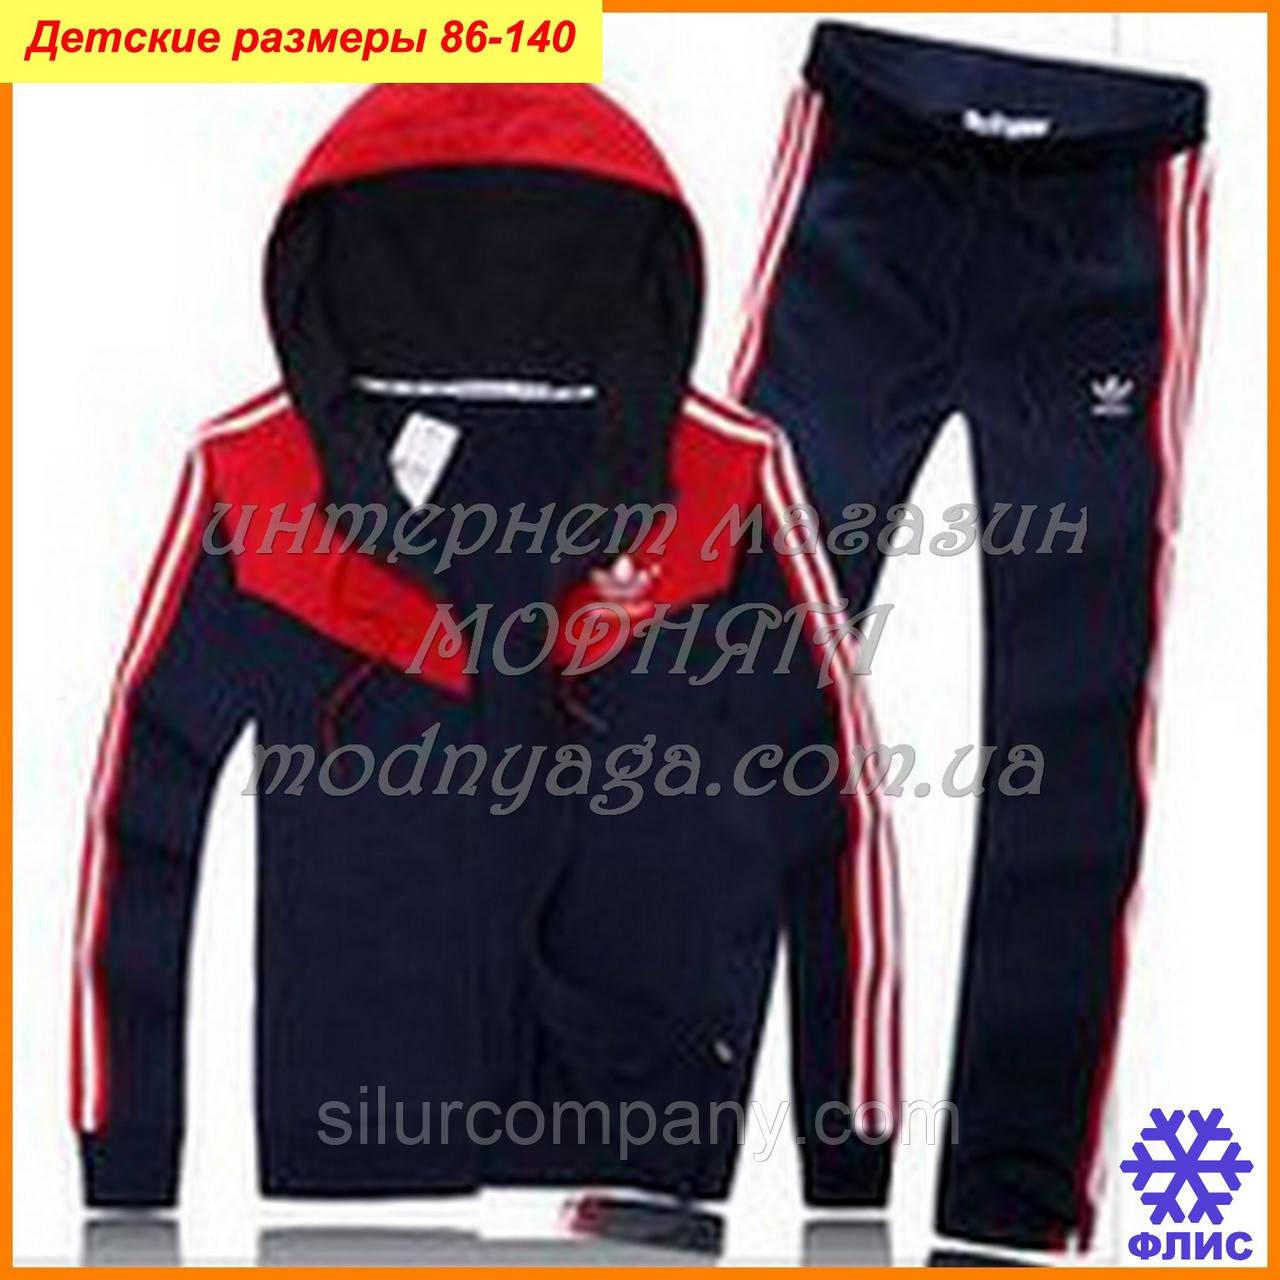 5b7251d8dc12 Утепленный Спортивный костюм адидас для подростка  продажа, цена в ...